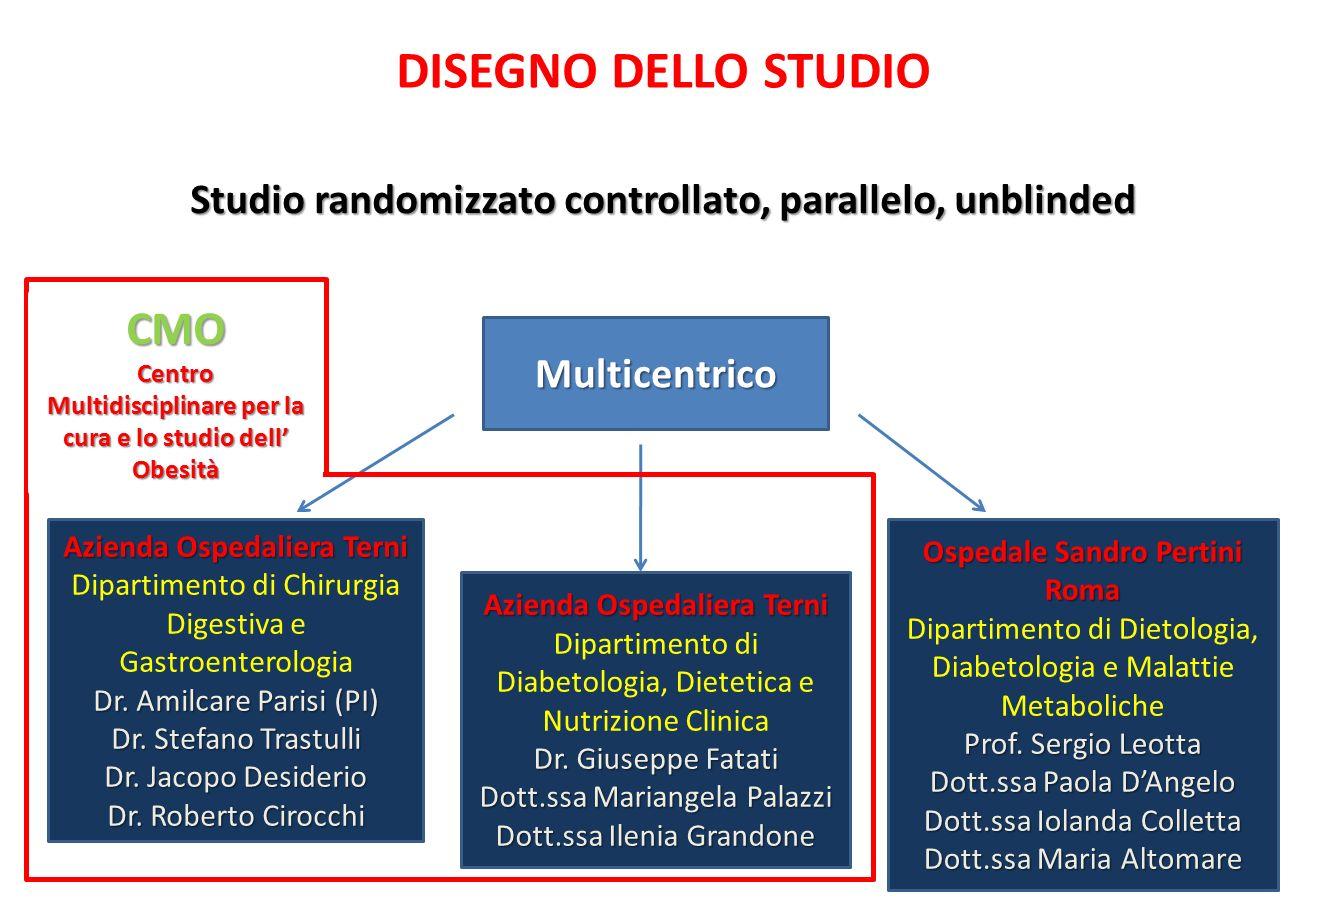 DISEGNO DELLO STUDIO Studio randomizzato controllato, parallelo, unblinded Multicentrico Azienda Ospedaliera Terni Dipartimento di Chirurgia Digestiva e Gastroenterologia Dr.